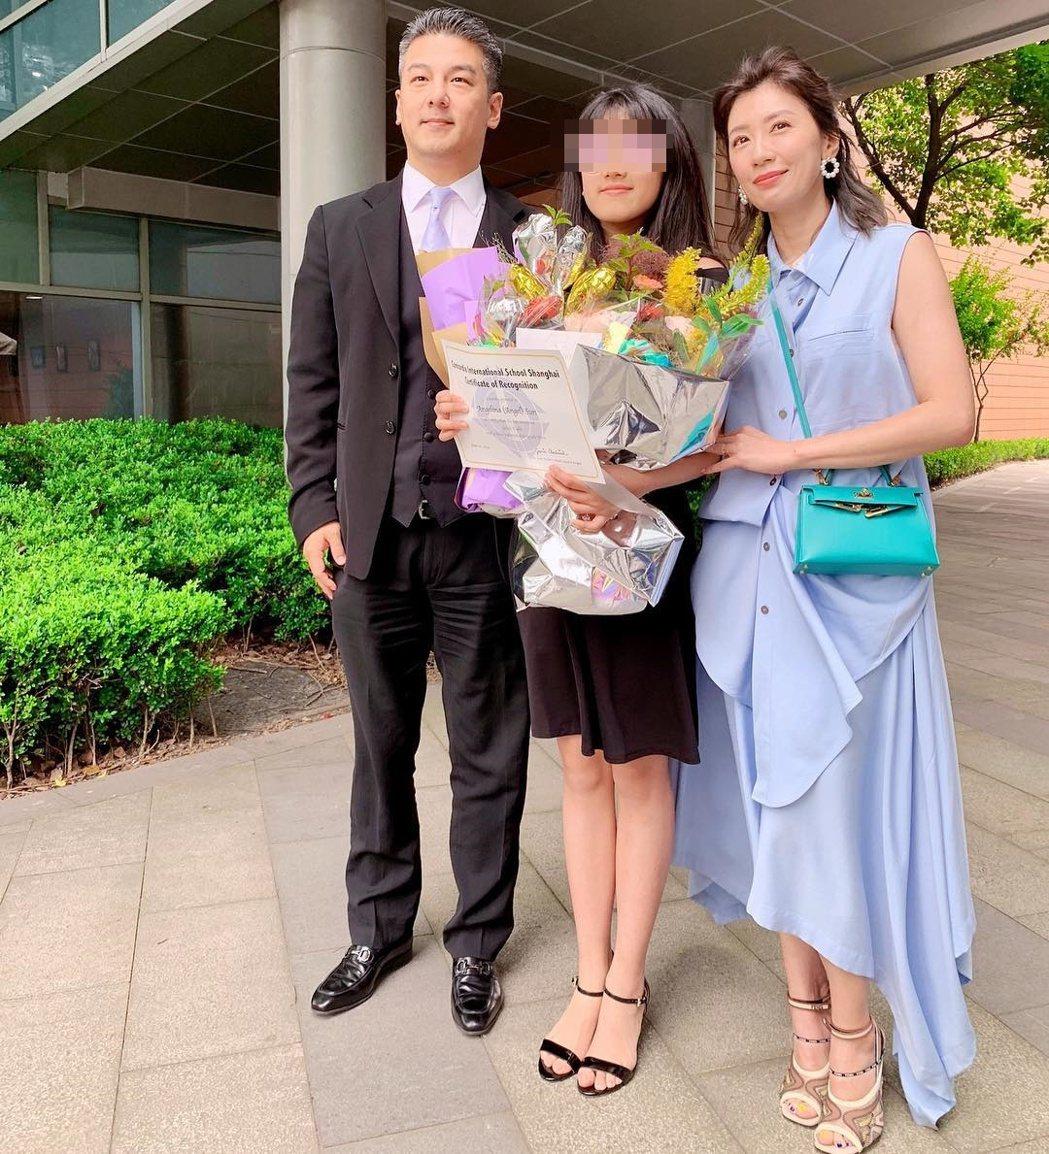 梧桐妹的畢業典禮上,與爸爸孫志浩、媽媽賈靜雯合照。 圖/擷自賈靜雯IG